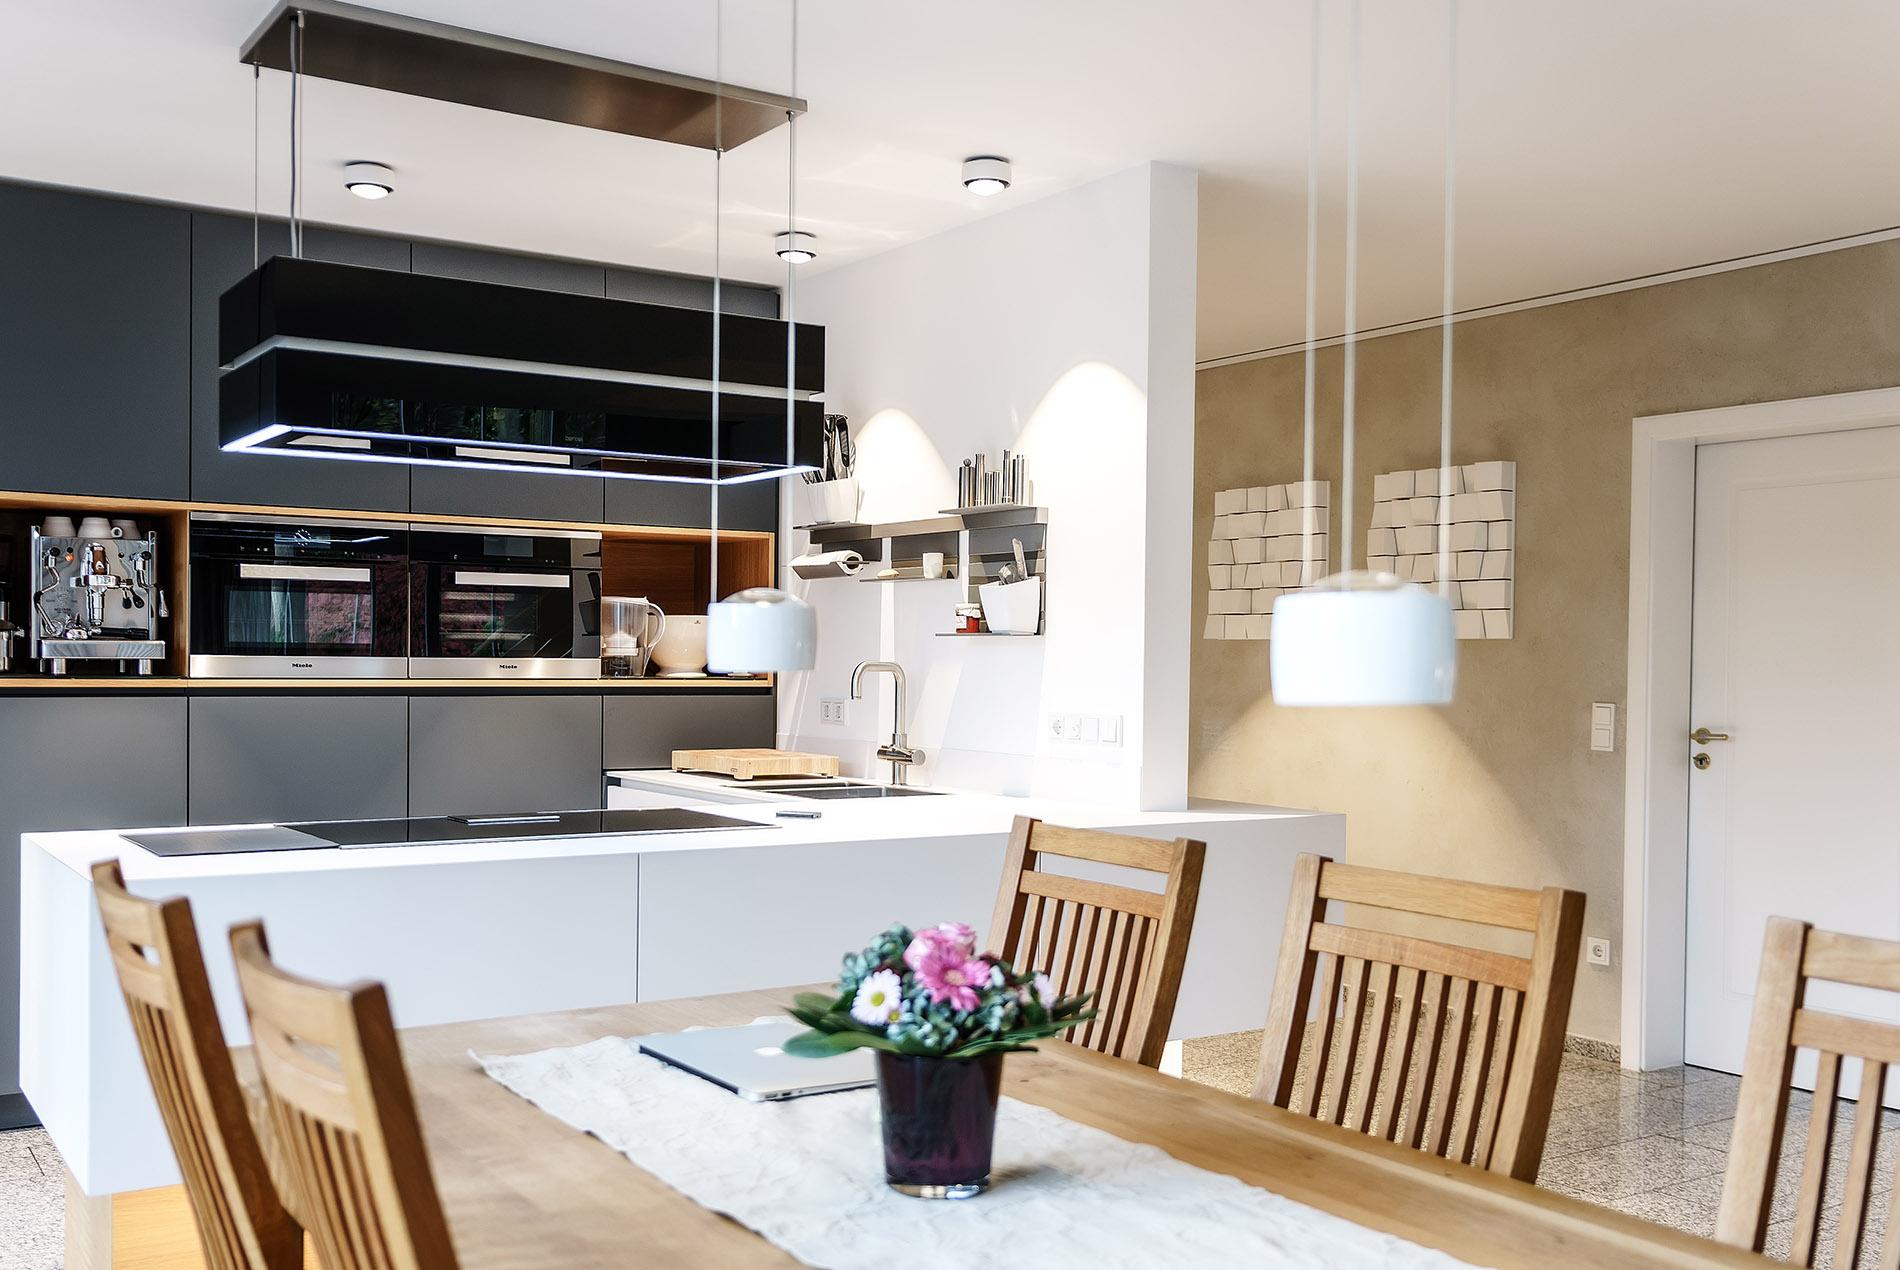 Tolle Küche Umbau Anwendung Bilder - Küche Set Ideen ...